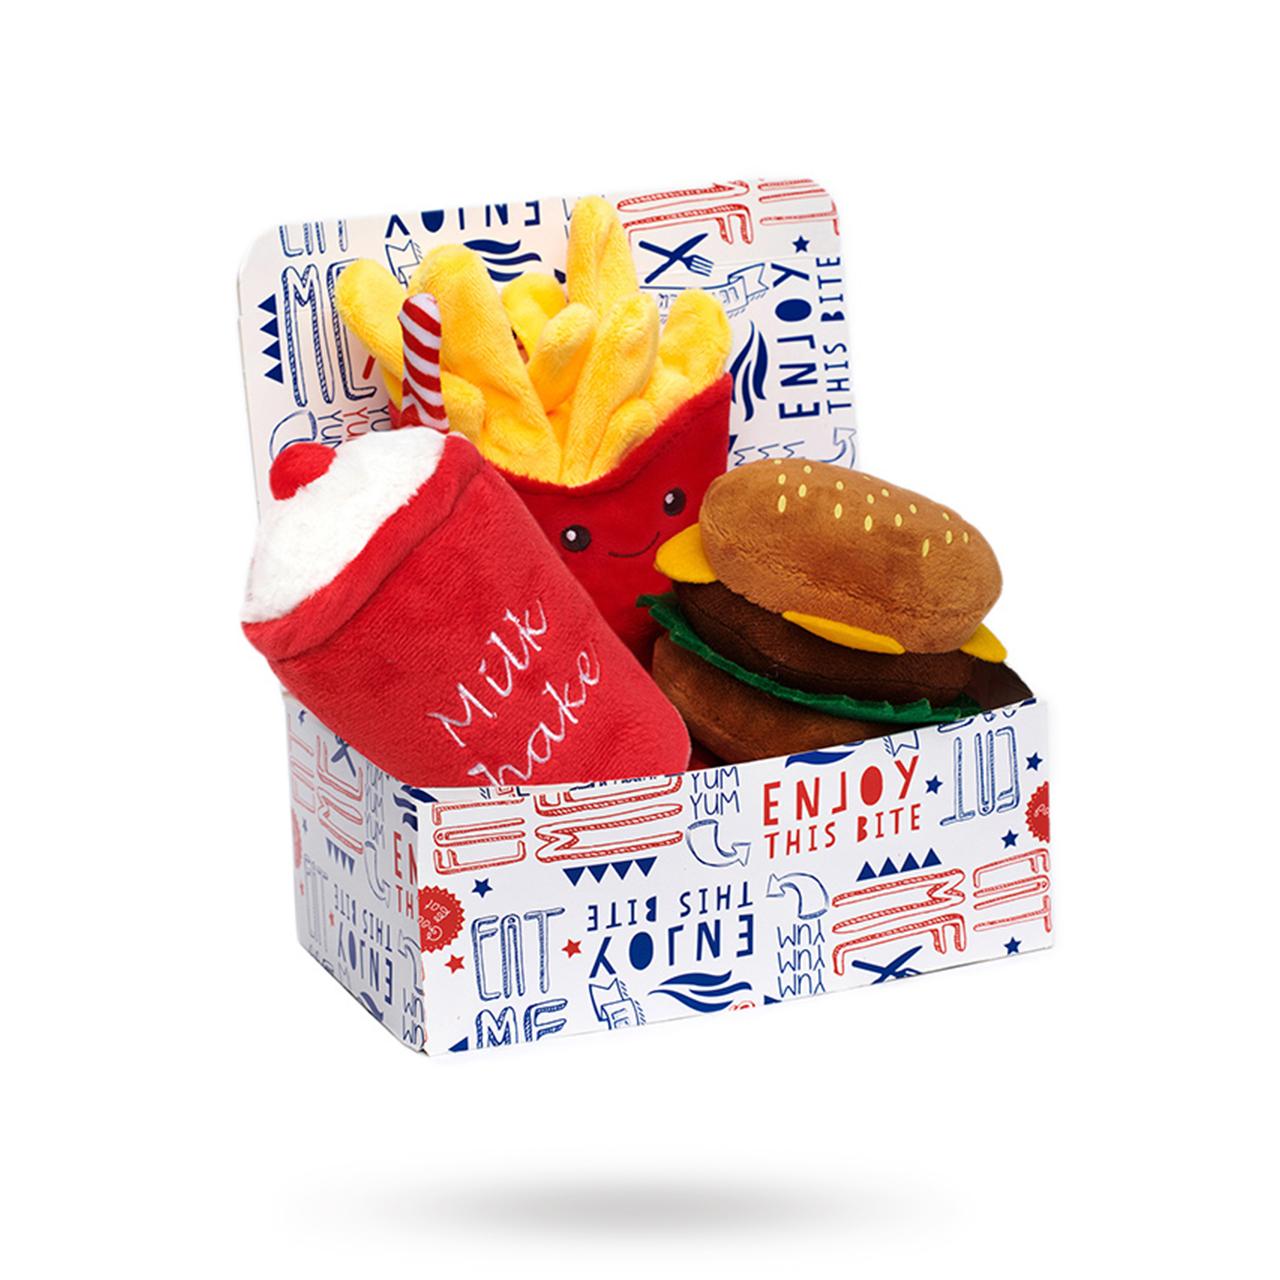 Hamburger Meal Deal Box Hundleksak